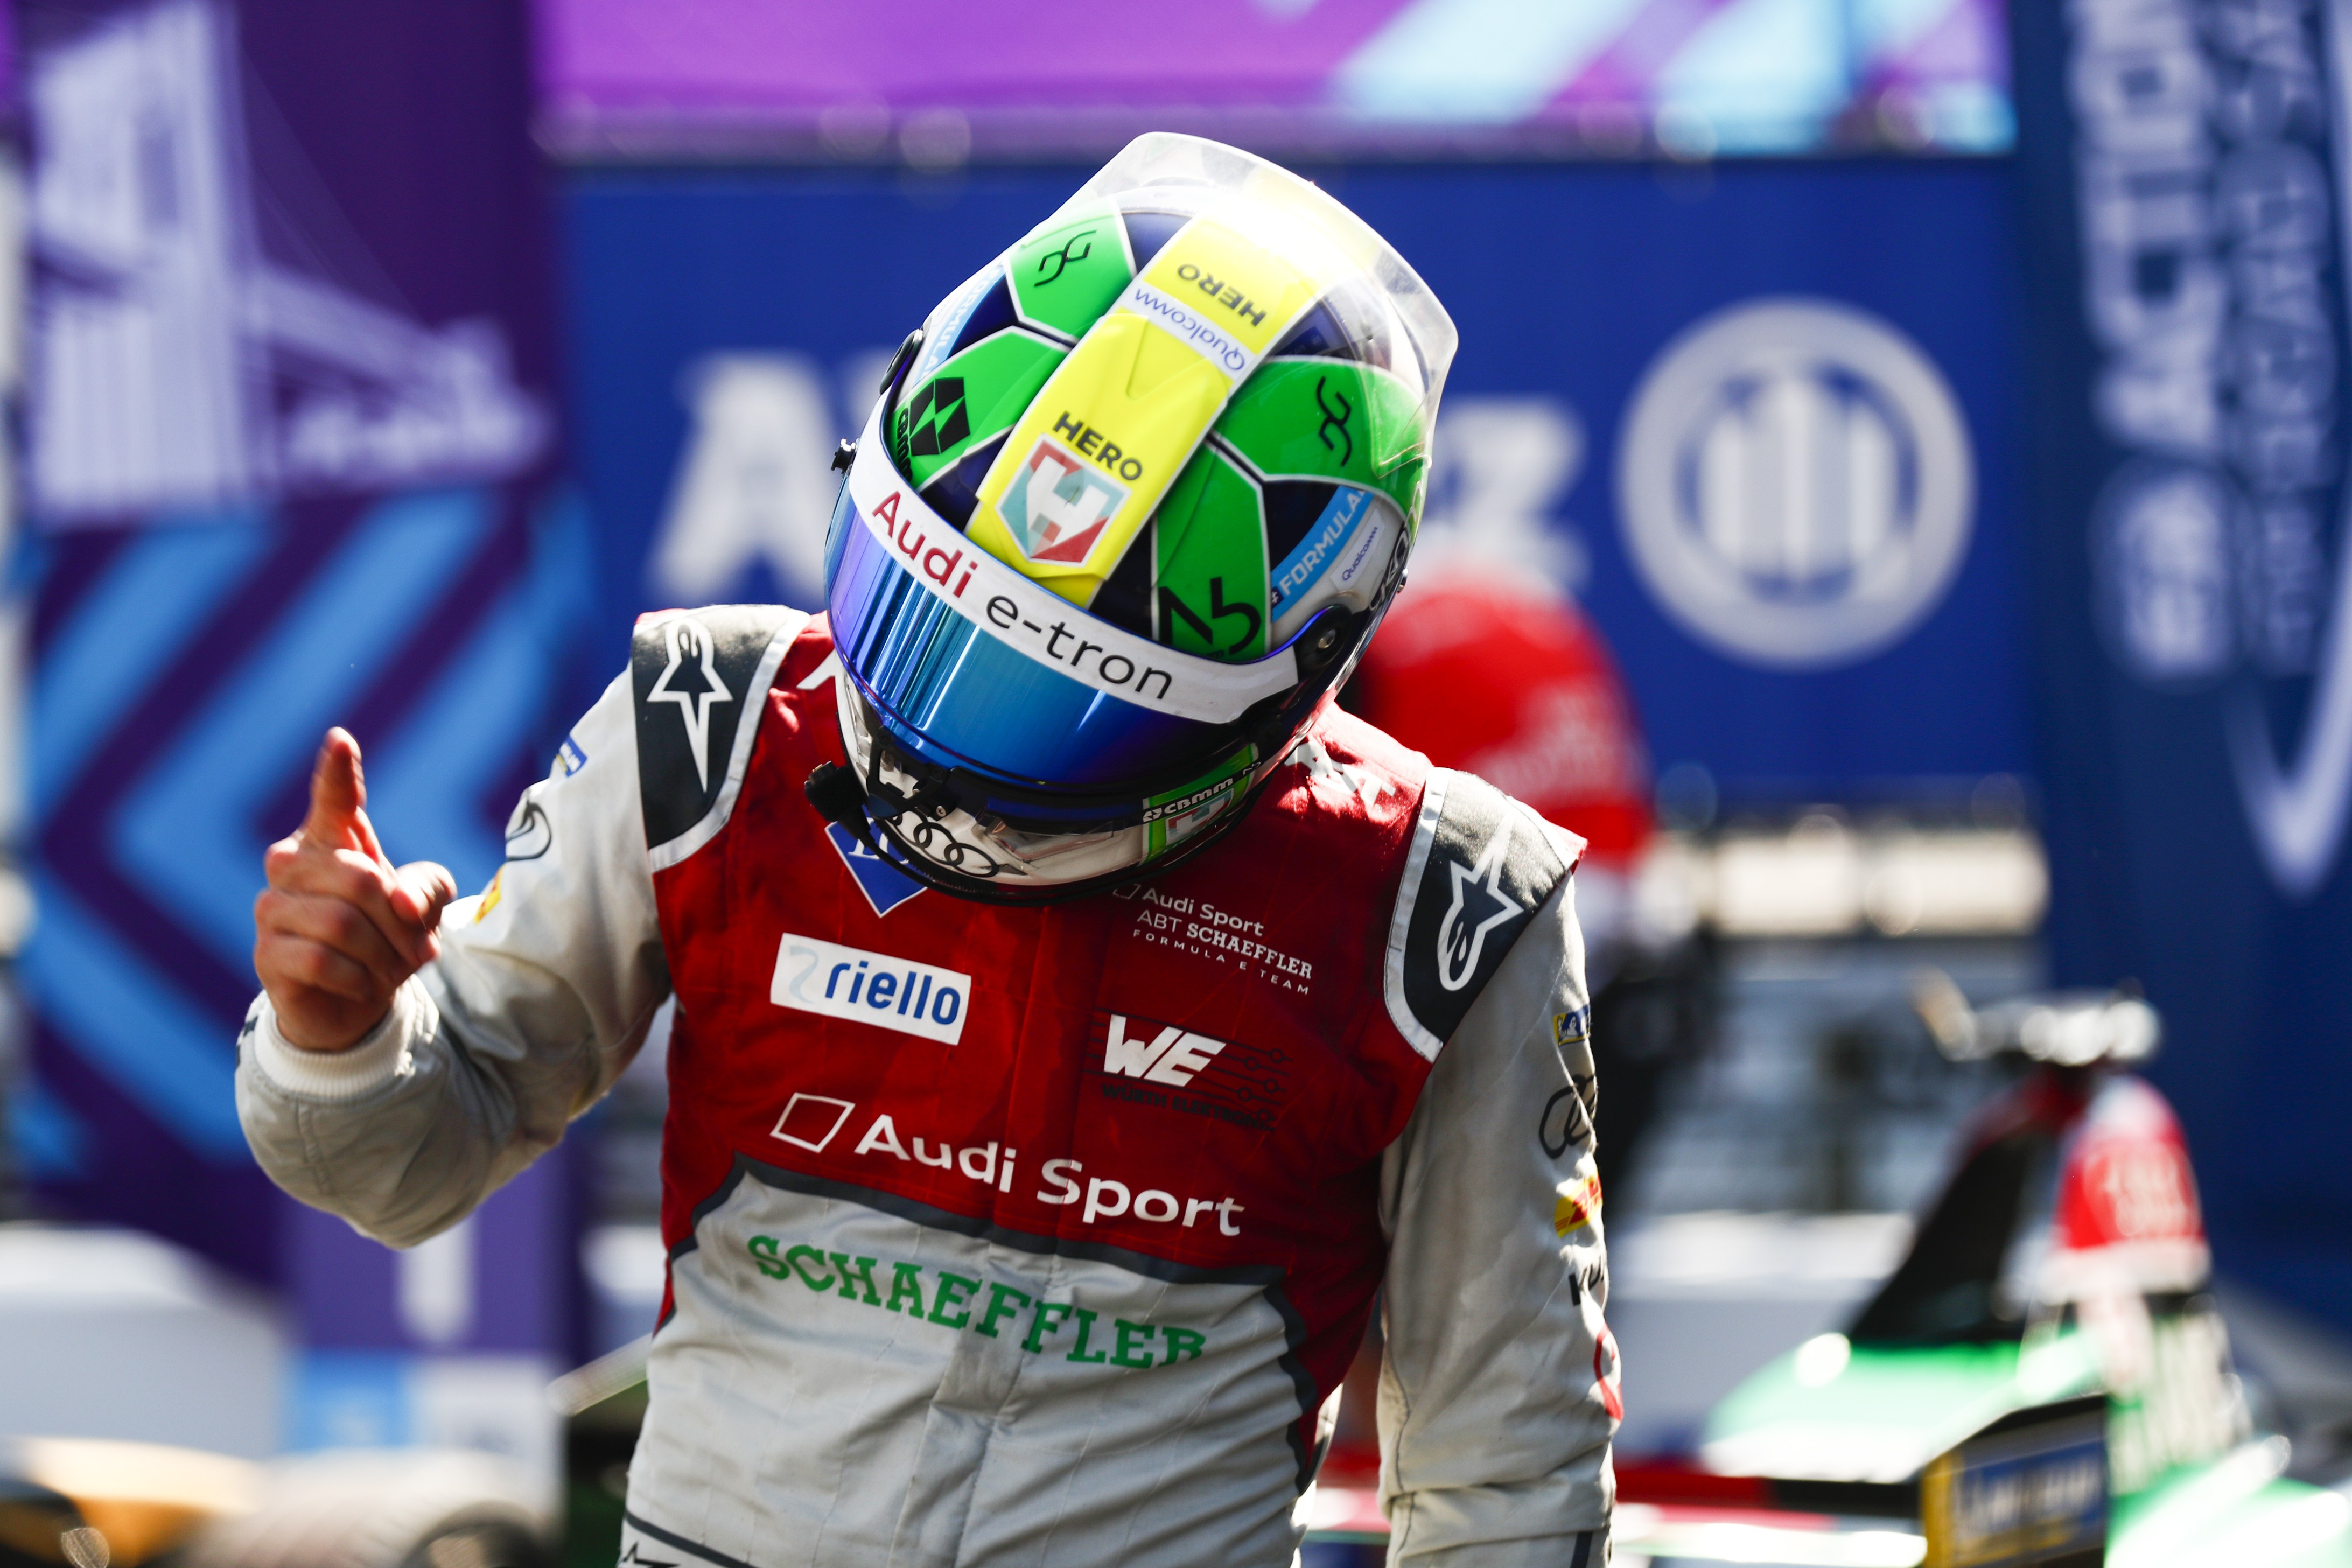 Lucas Di Grassi celebra vitória na etapa de Nova York da Formula E (Foto: Getty Images)